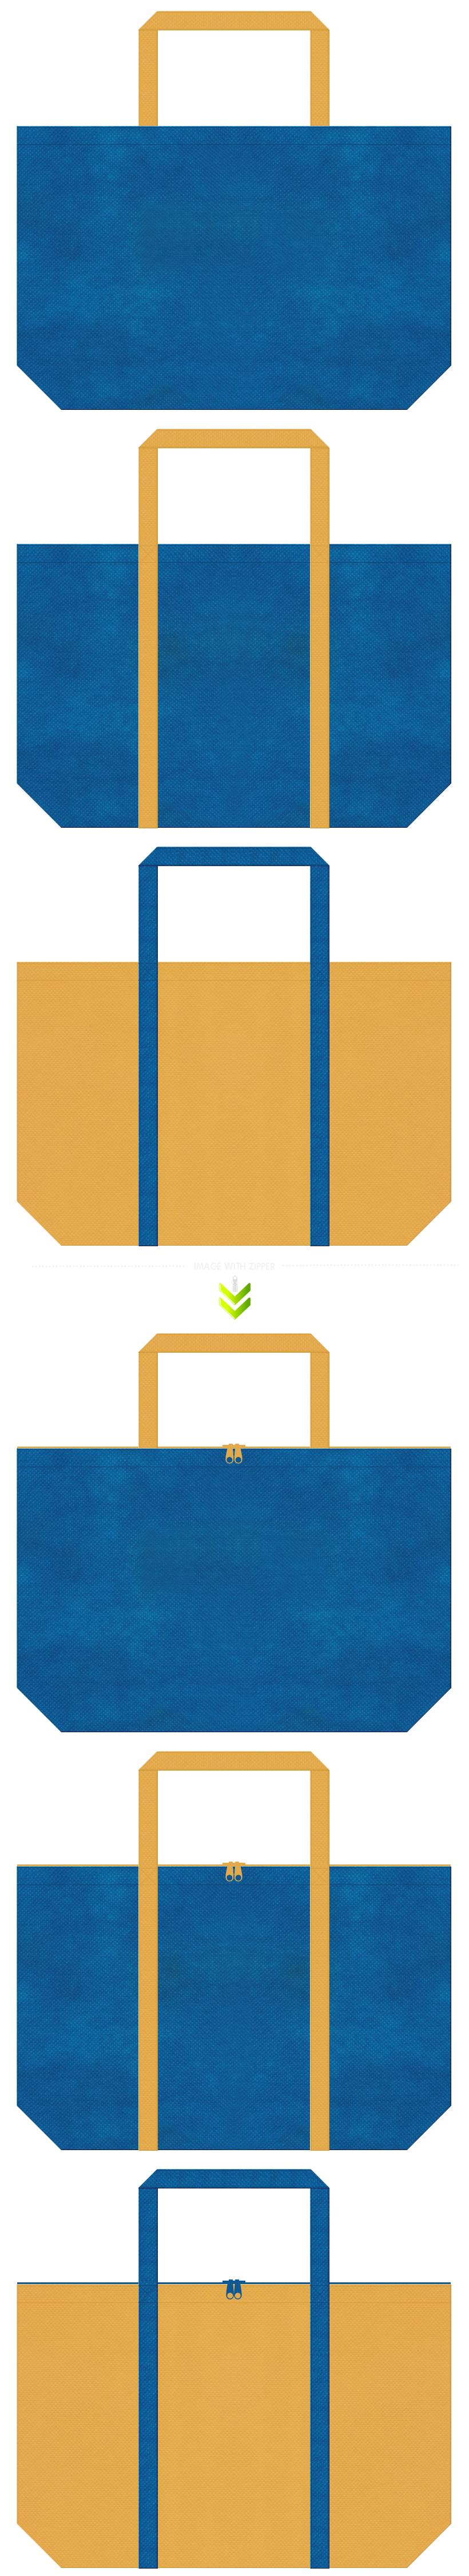 青色と黄土色の不織布エコバッグのデザイン。キッズ商品のショッピングバッグにお奨めの配色です。